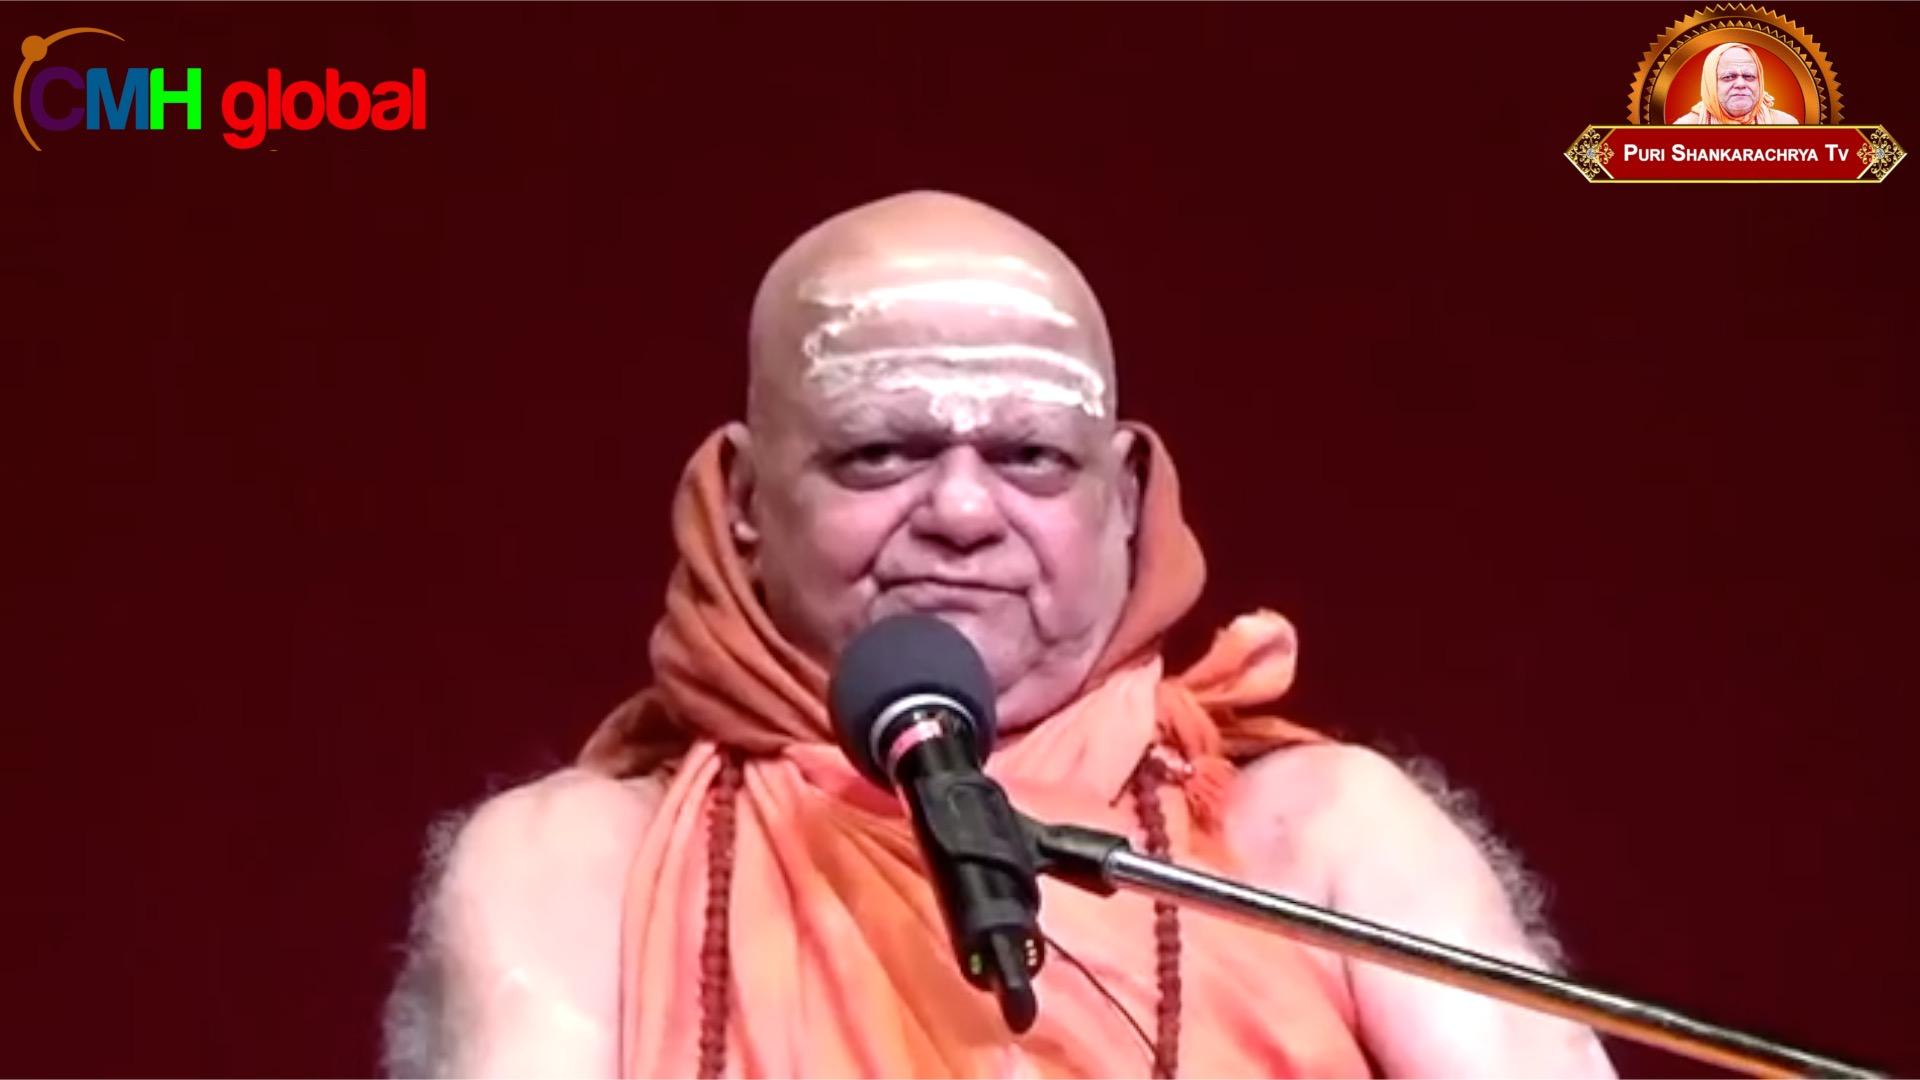 Gyan Dhara Ep -32 by Puri Shankaracharya Swami Nishchalananda Saraswati Ji